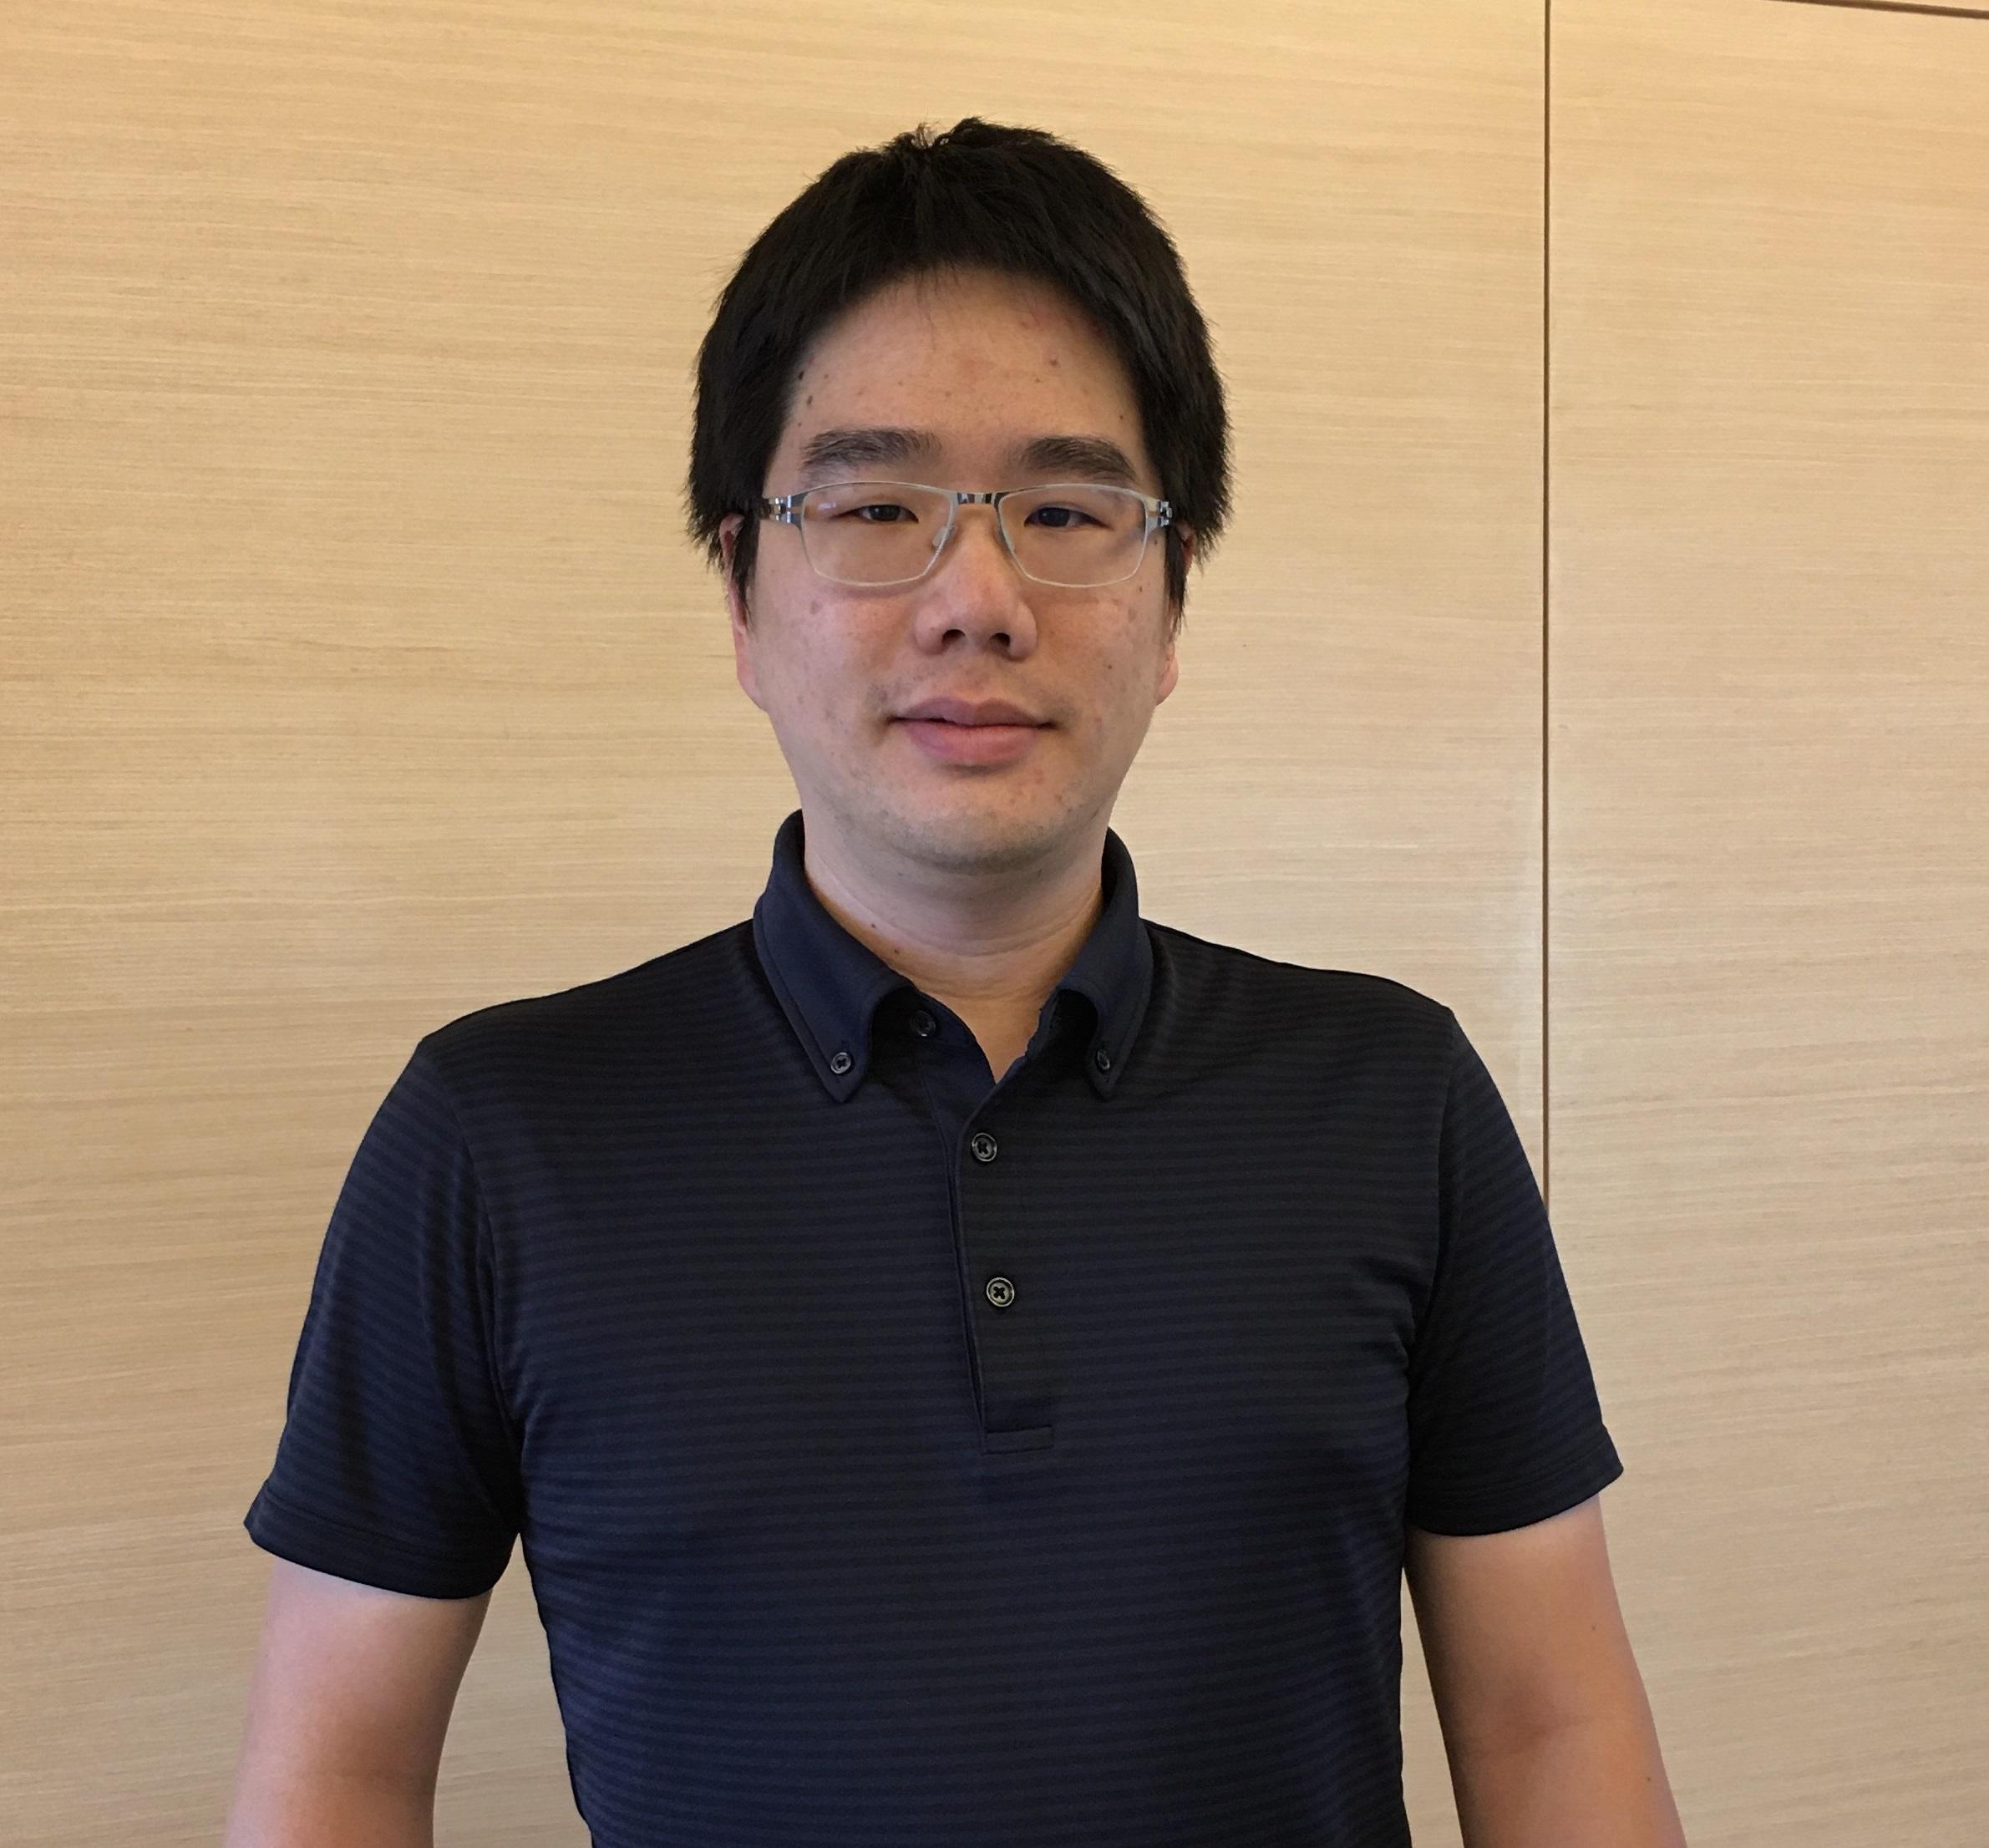 Kuei-Chen Chen